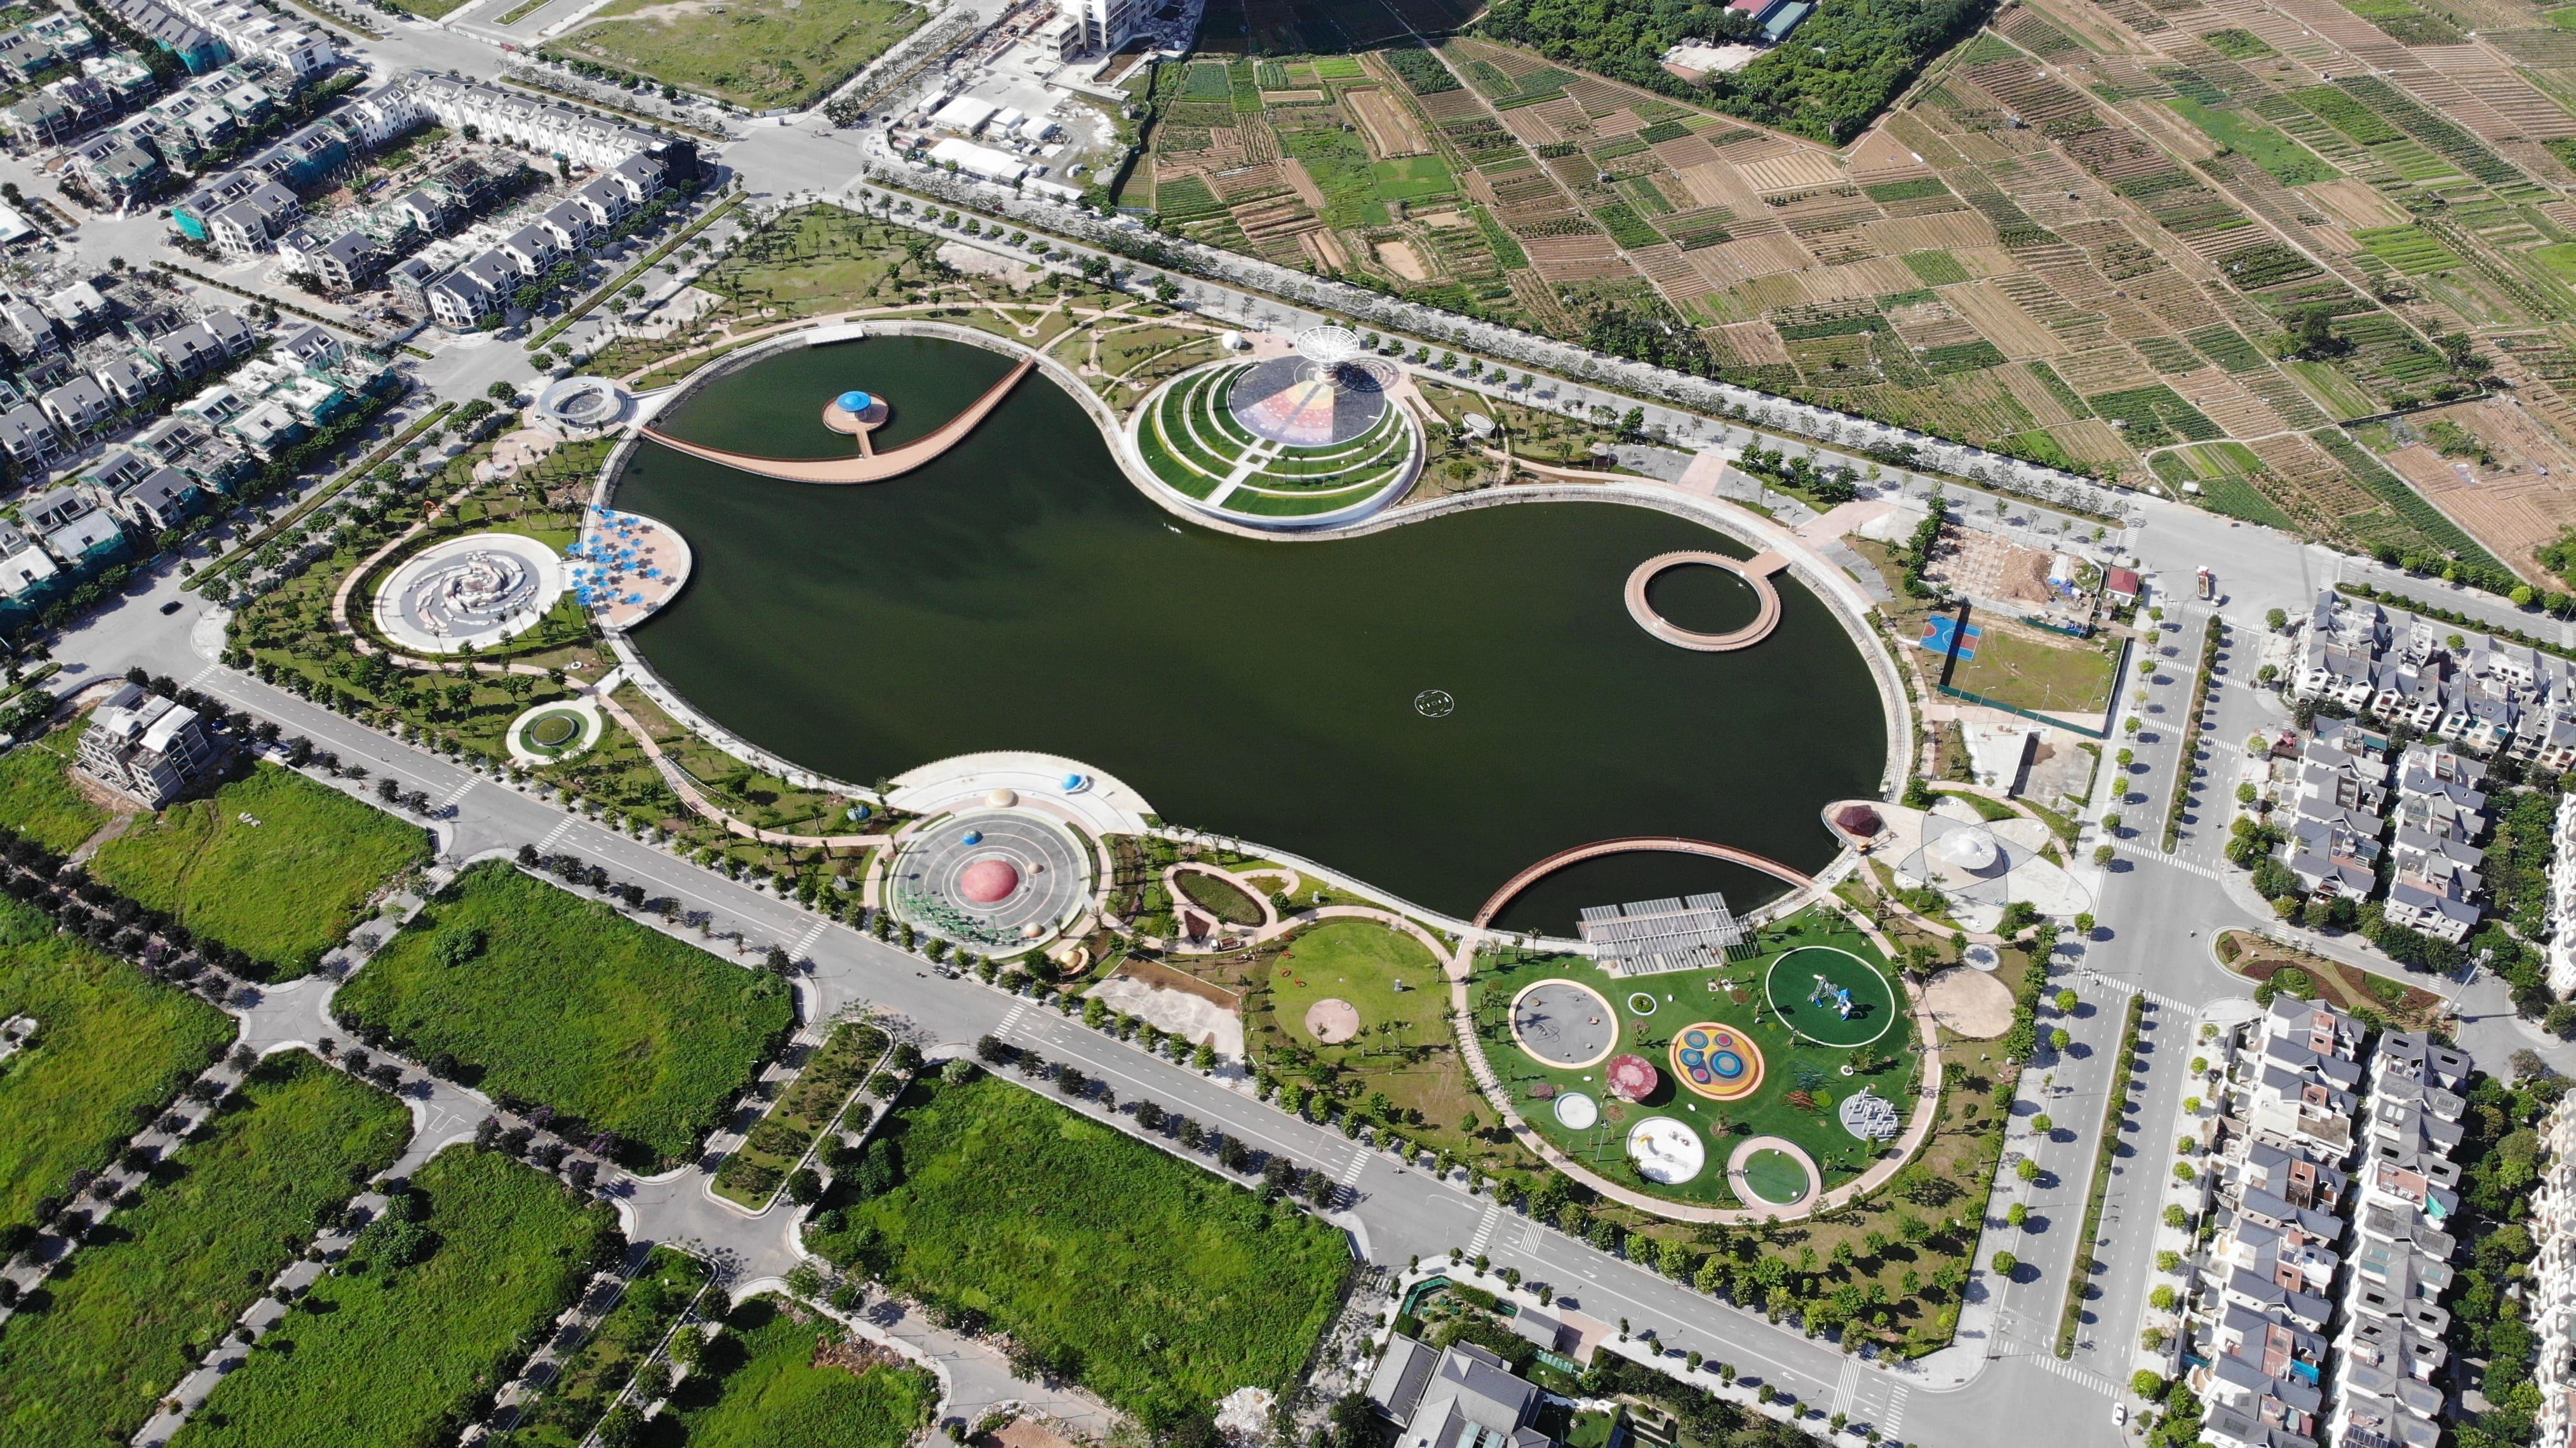 Tiến độ hoàn thành dự án Công viên Thiên văn học, thiết kế bởi EGO Group